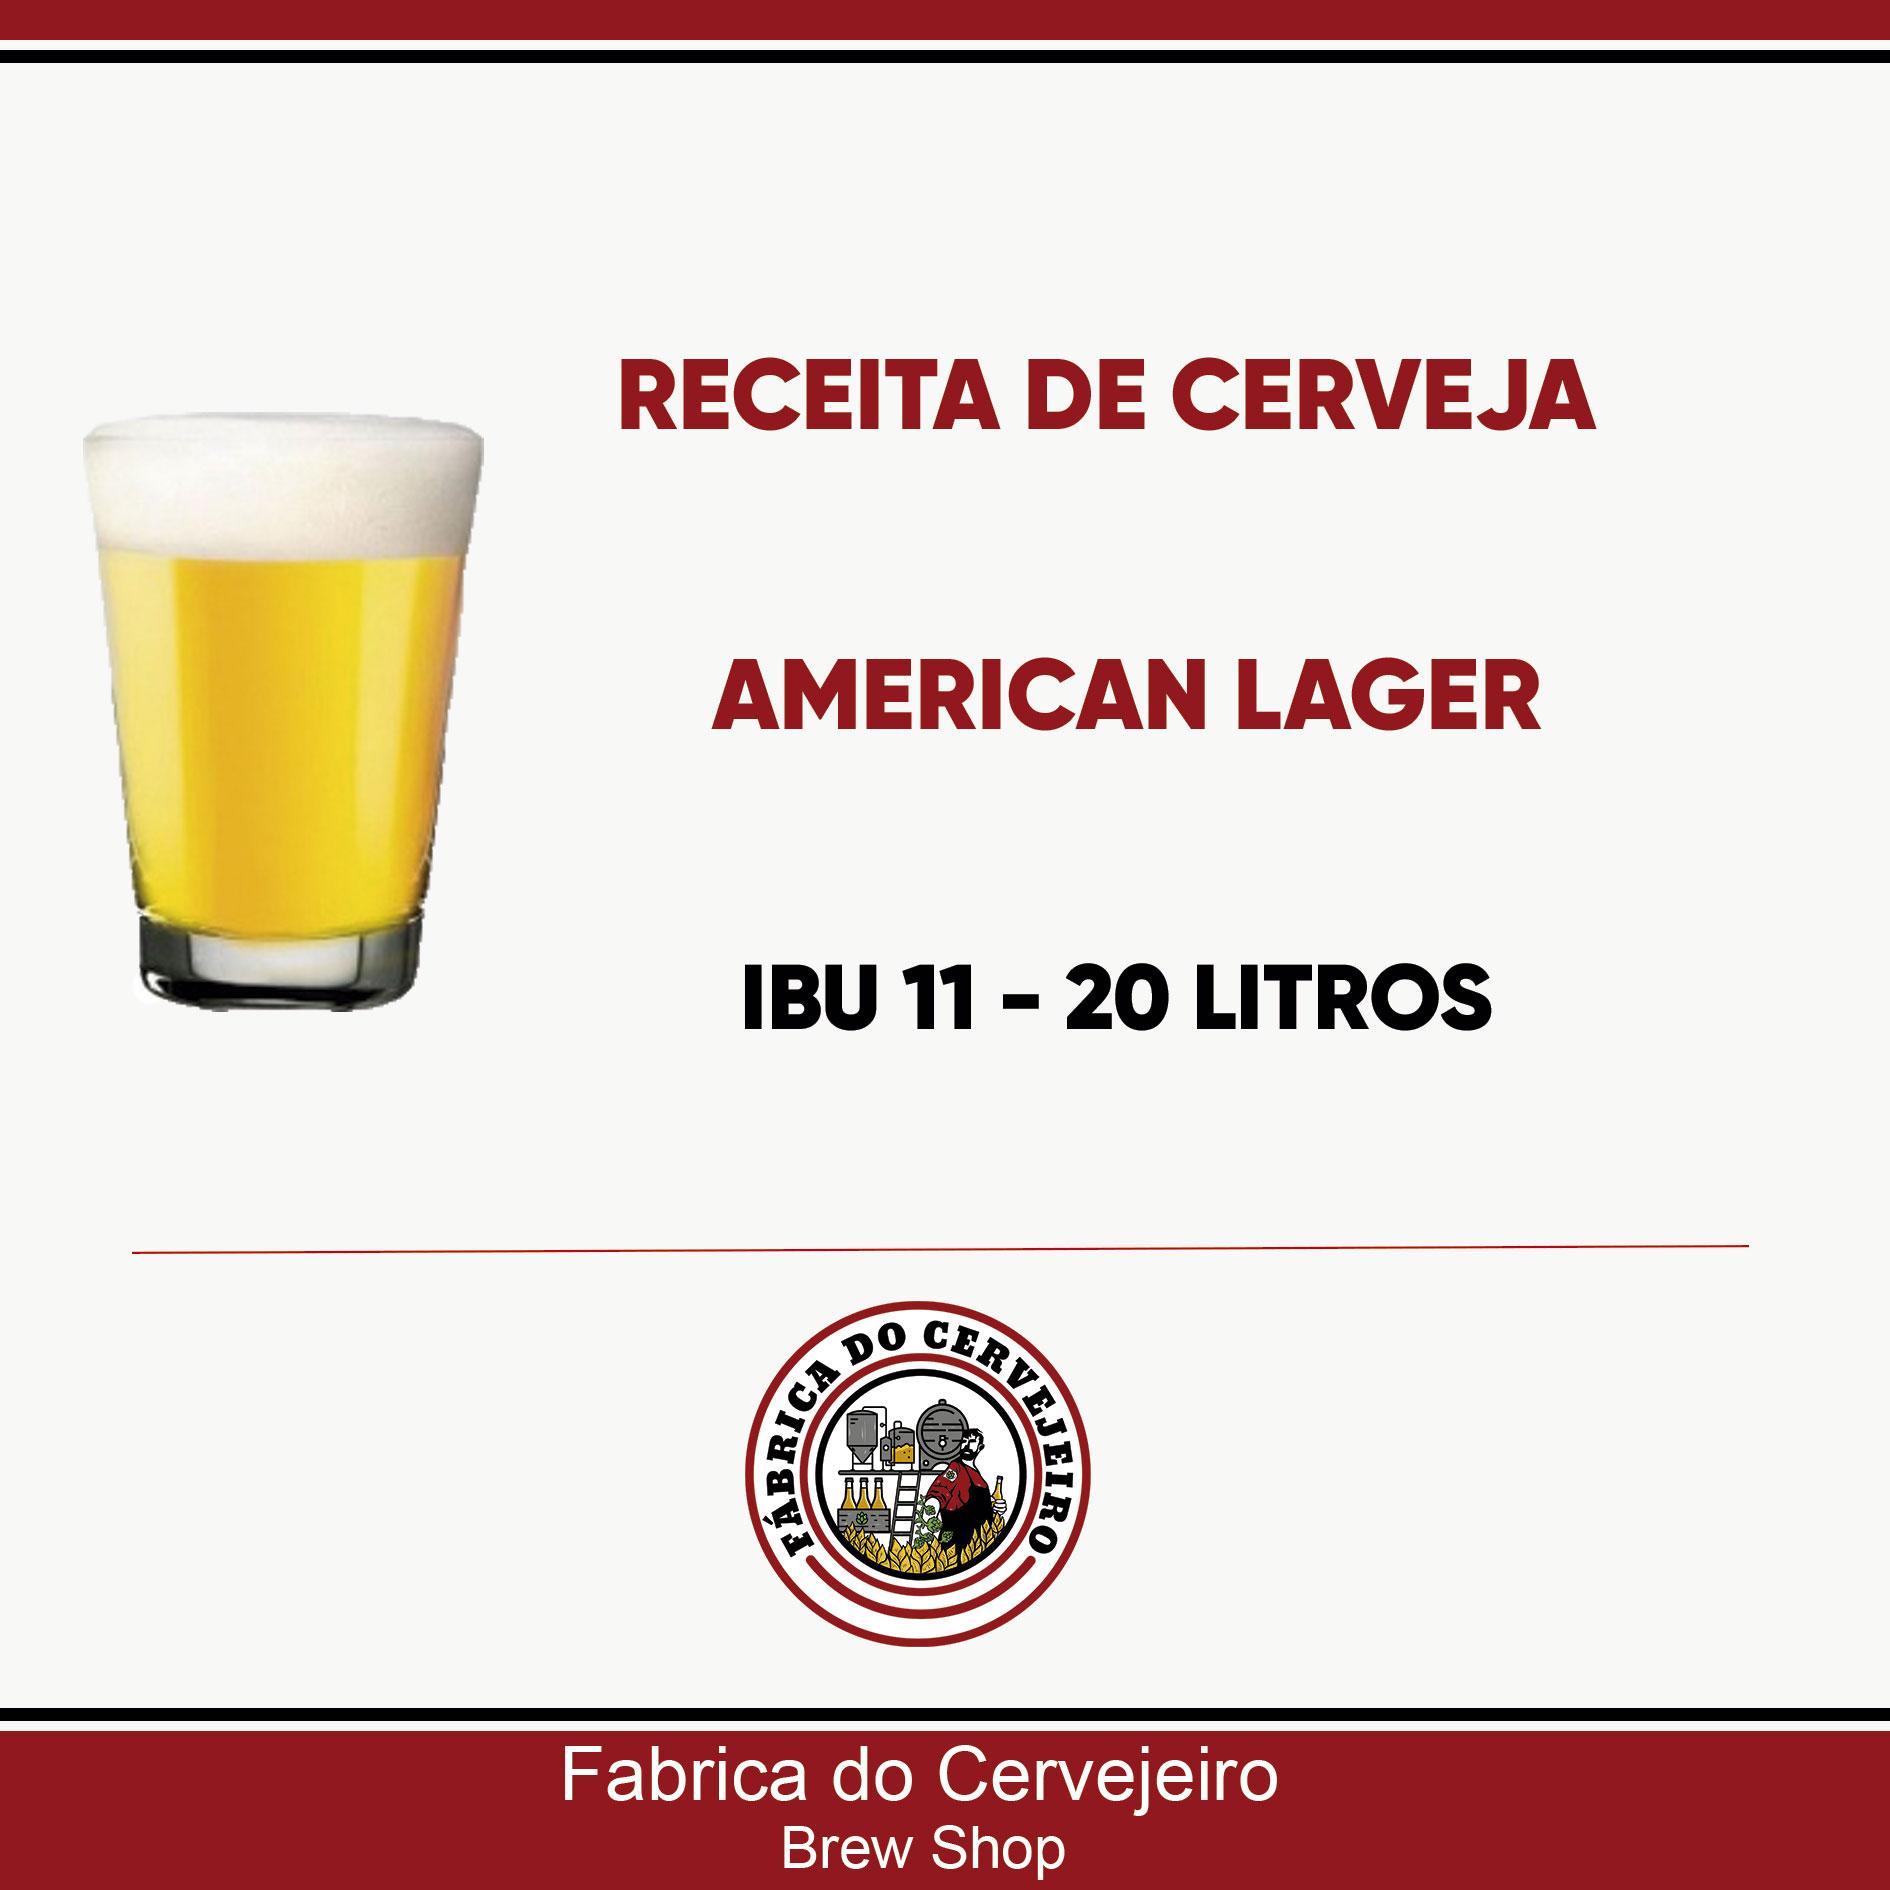 Receita de American Lager 20 Litros